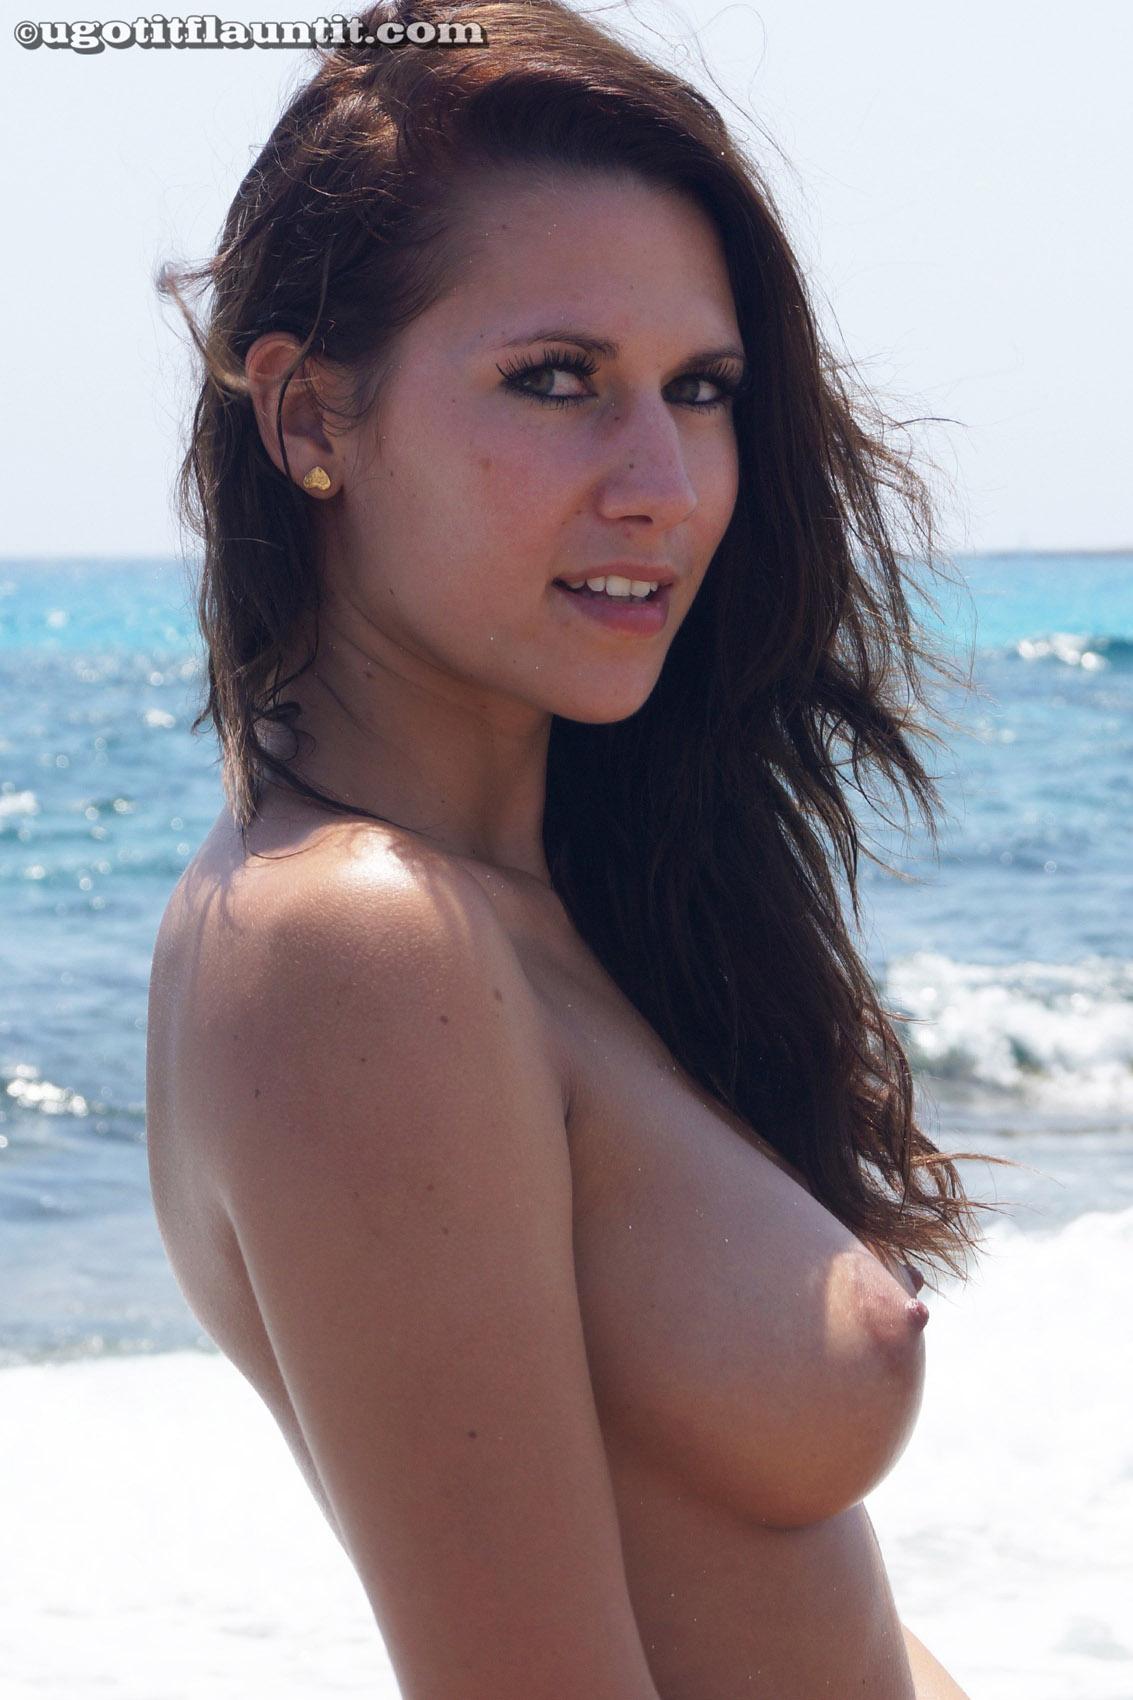 latina topless hot girls